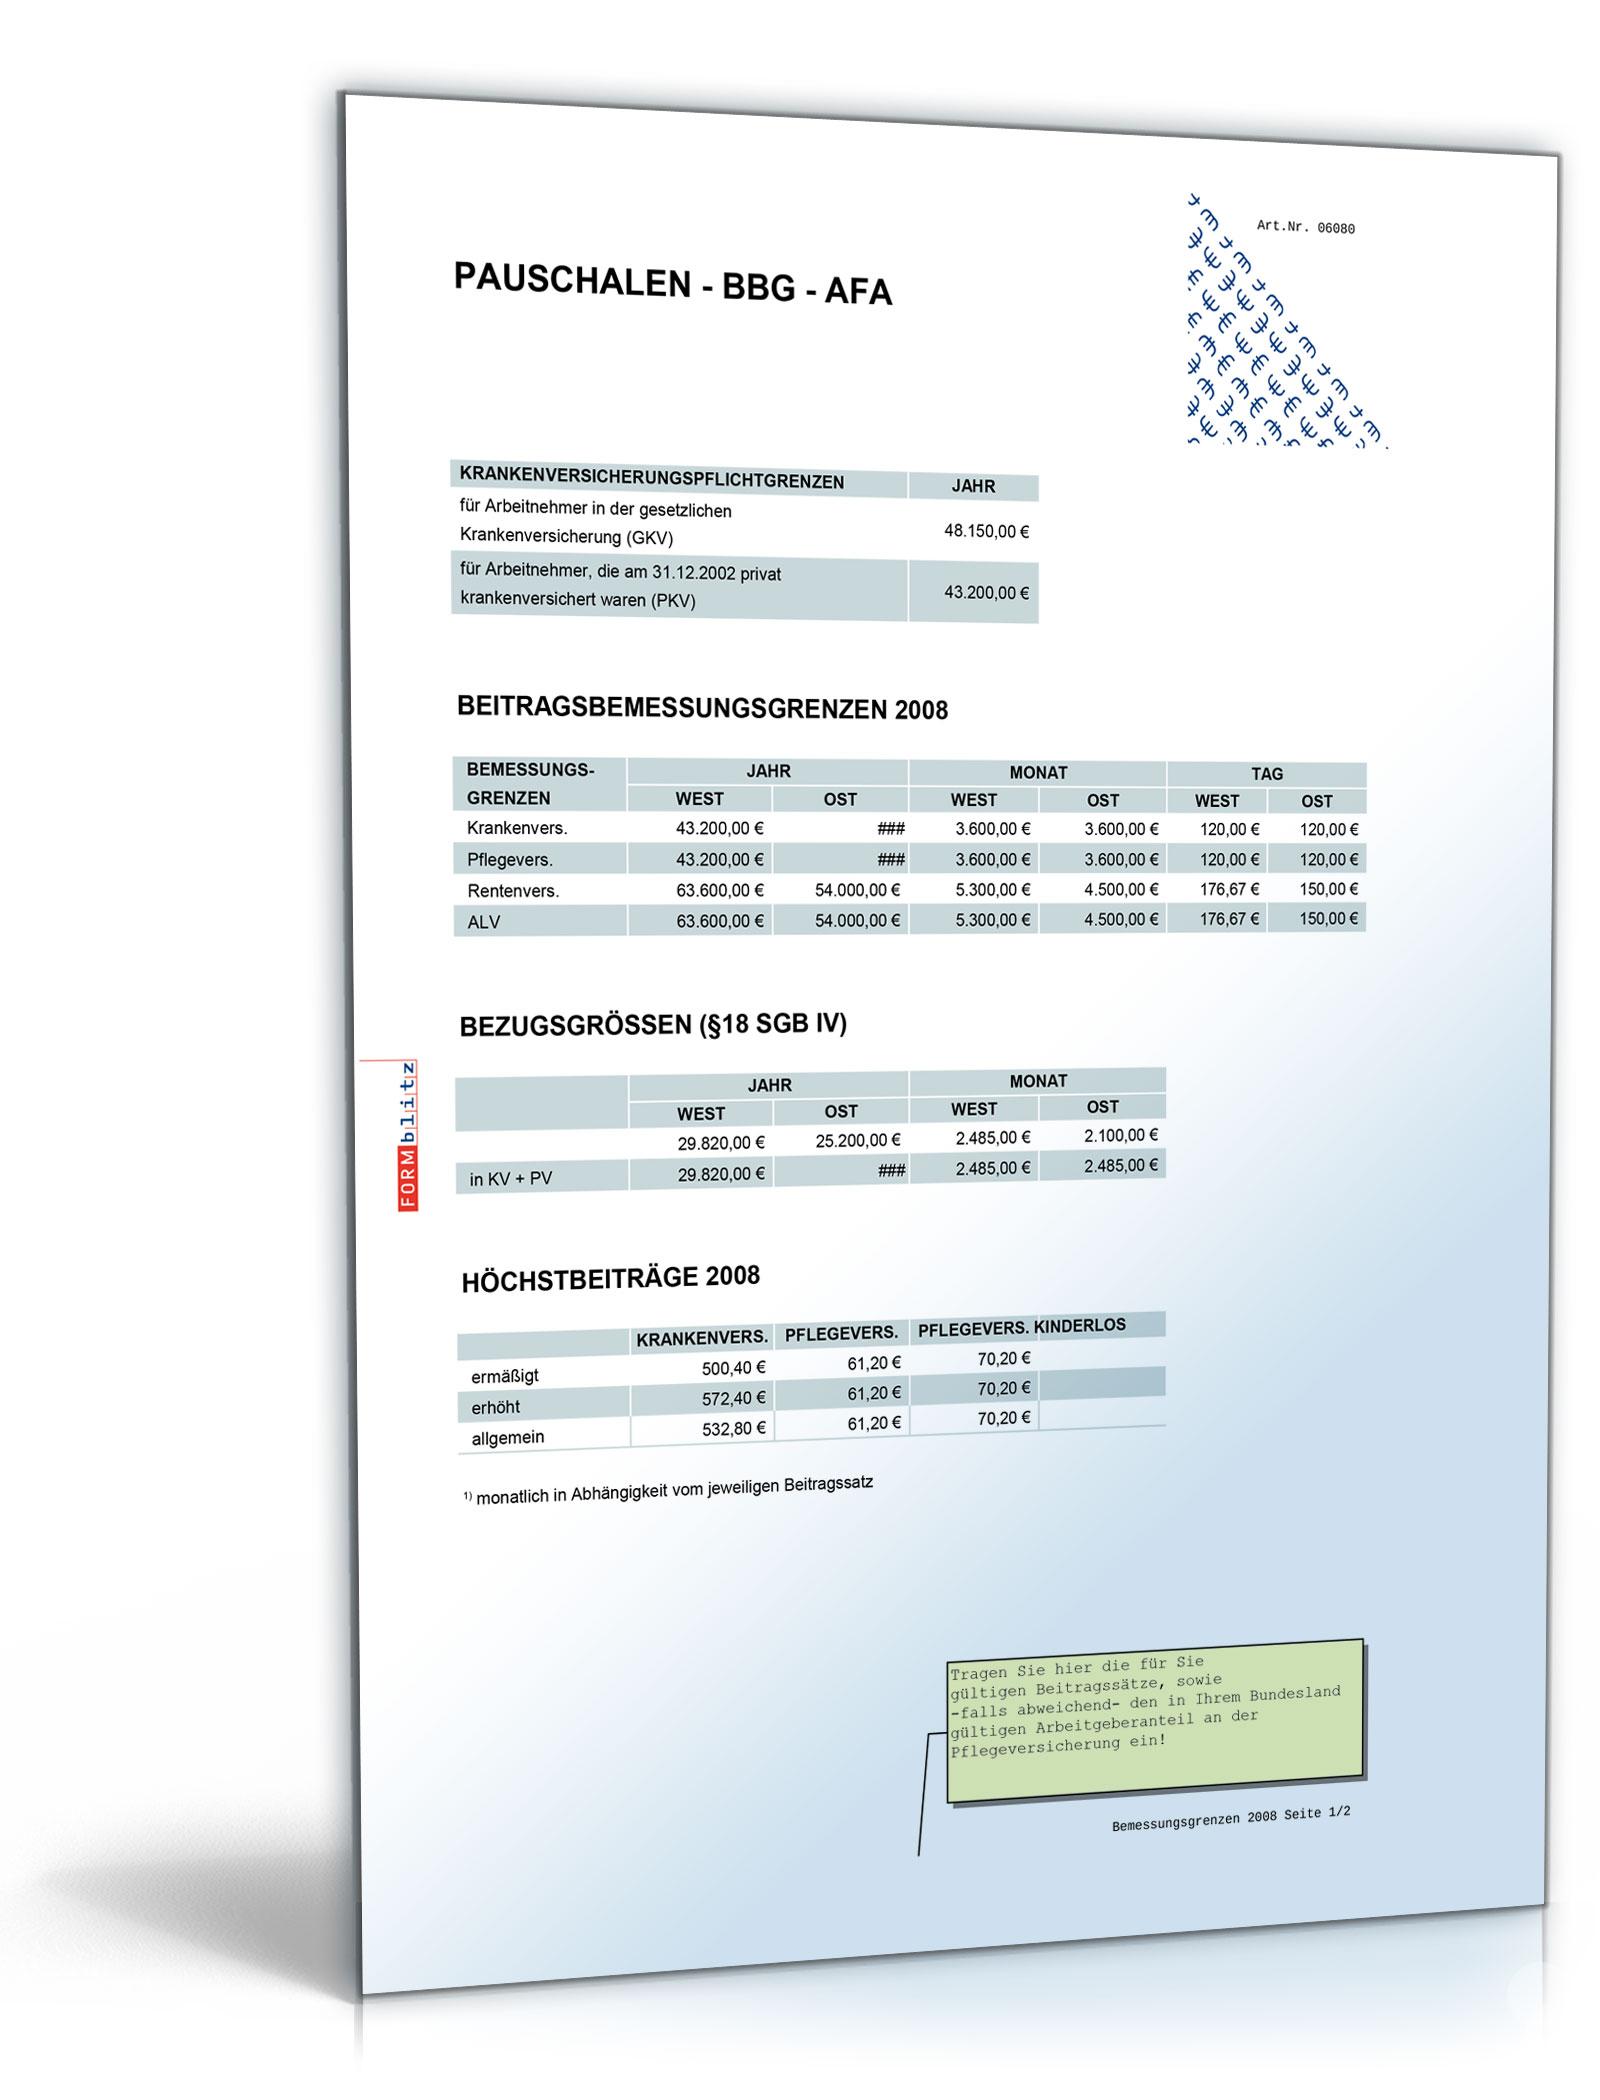 FORMBLITZ-Tabelle 2007/2008 - Sammlung diverser Pauschalsätze